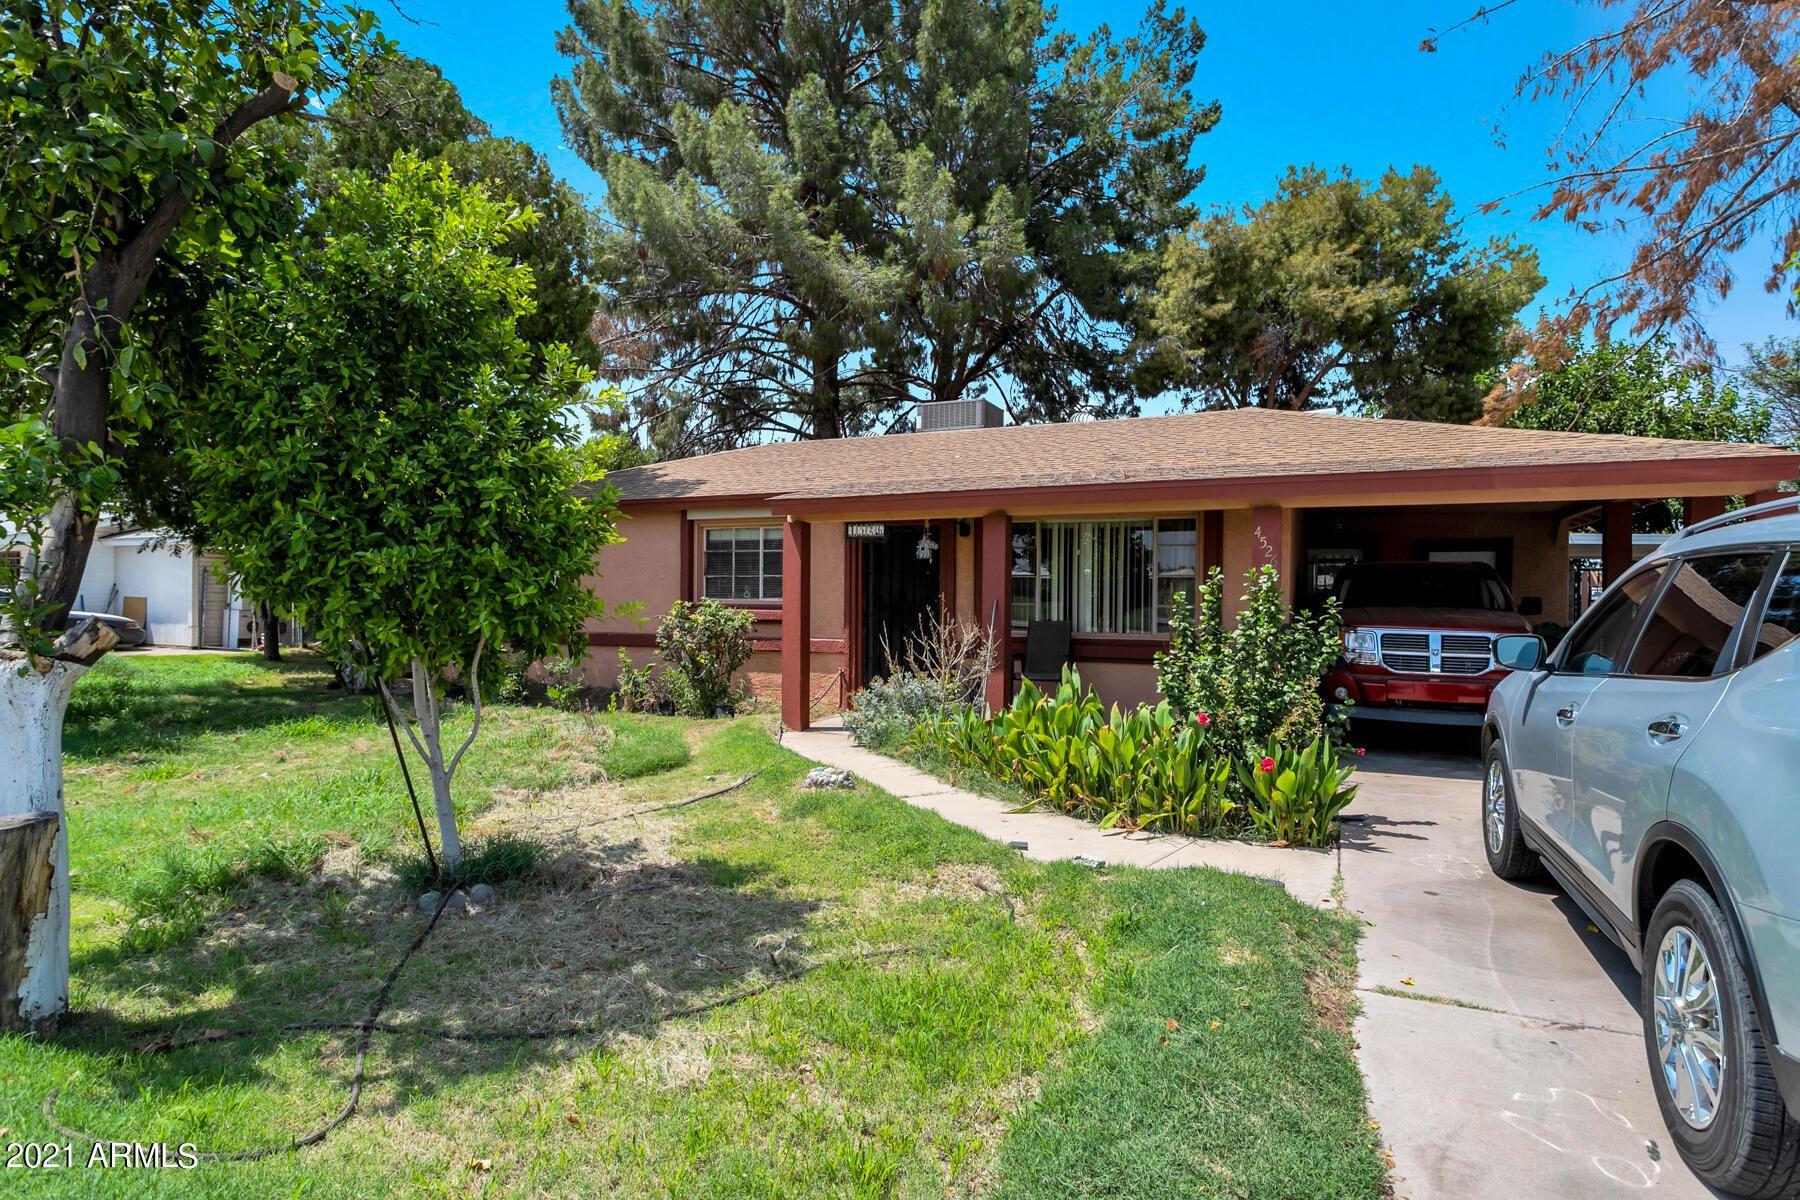 Photo of 4526 W OSBORN Road, Phoenix, AZ 85031 (MLS # 6268507)